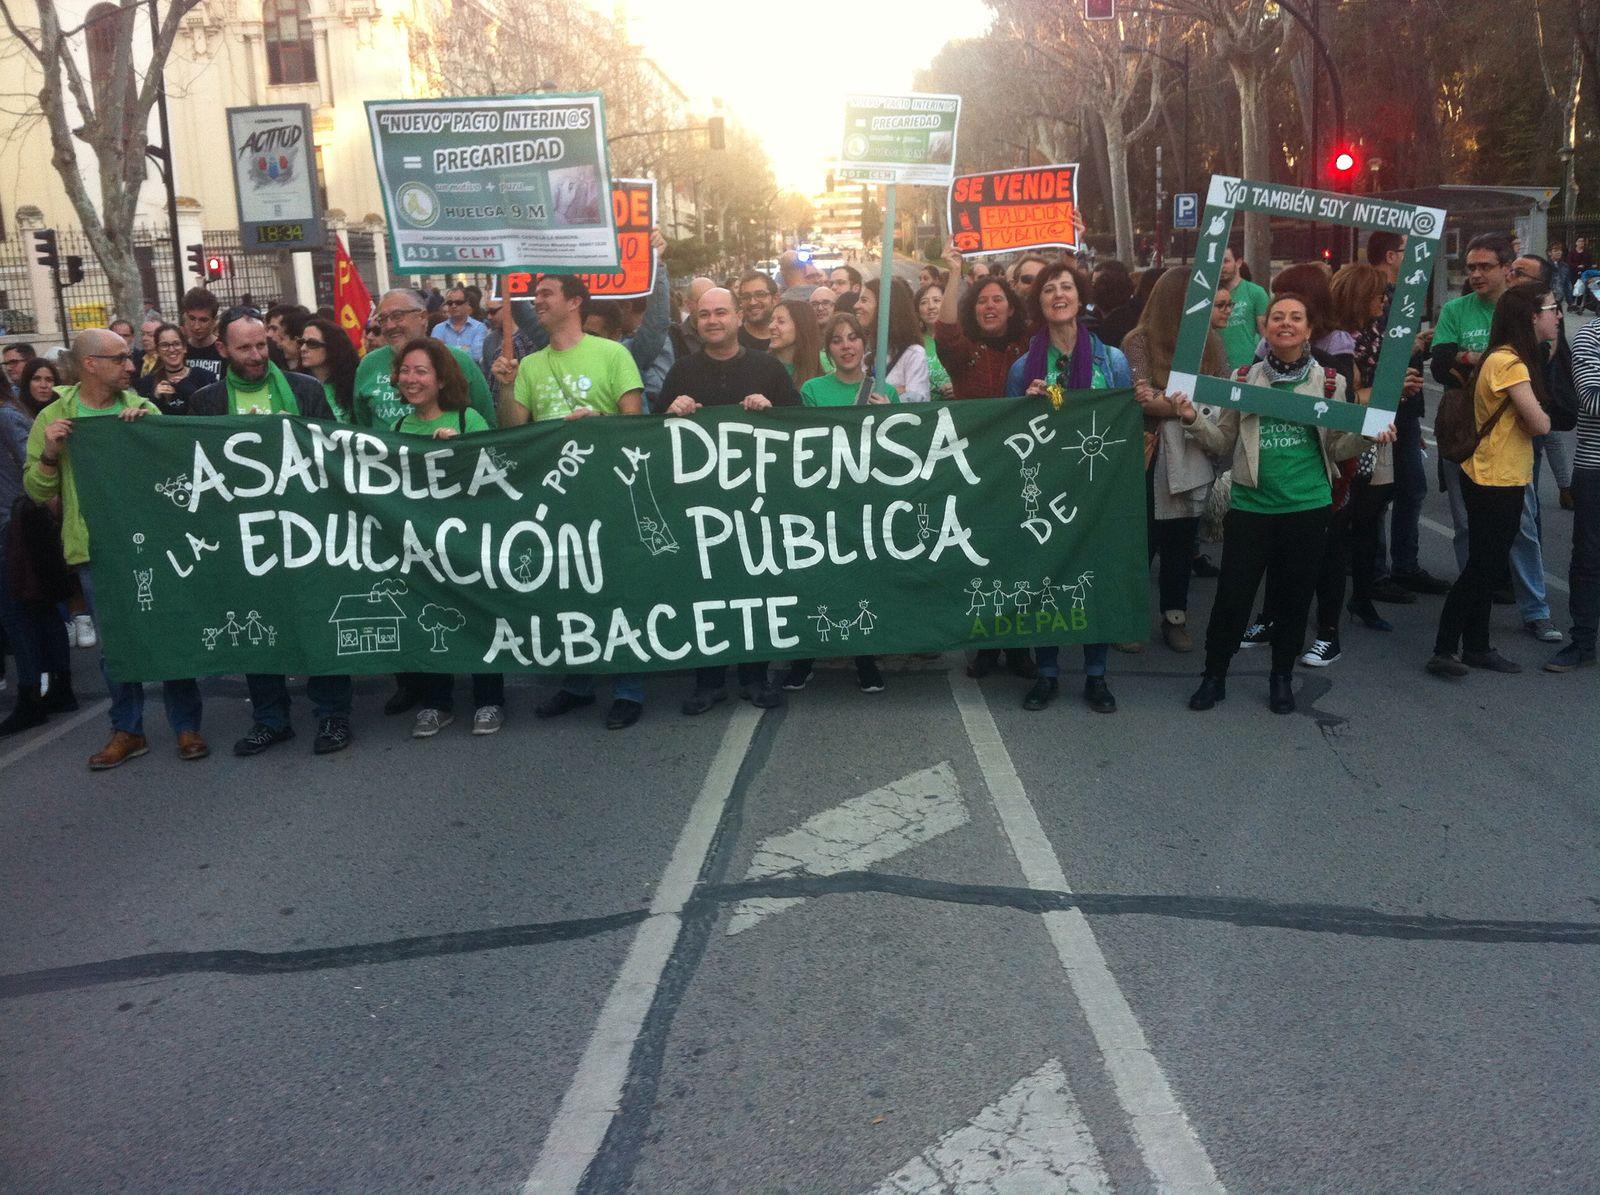 Marea verde de Albacete